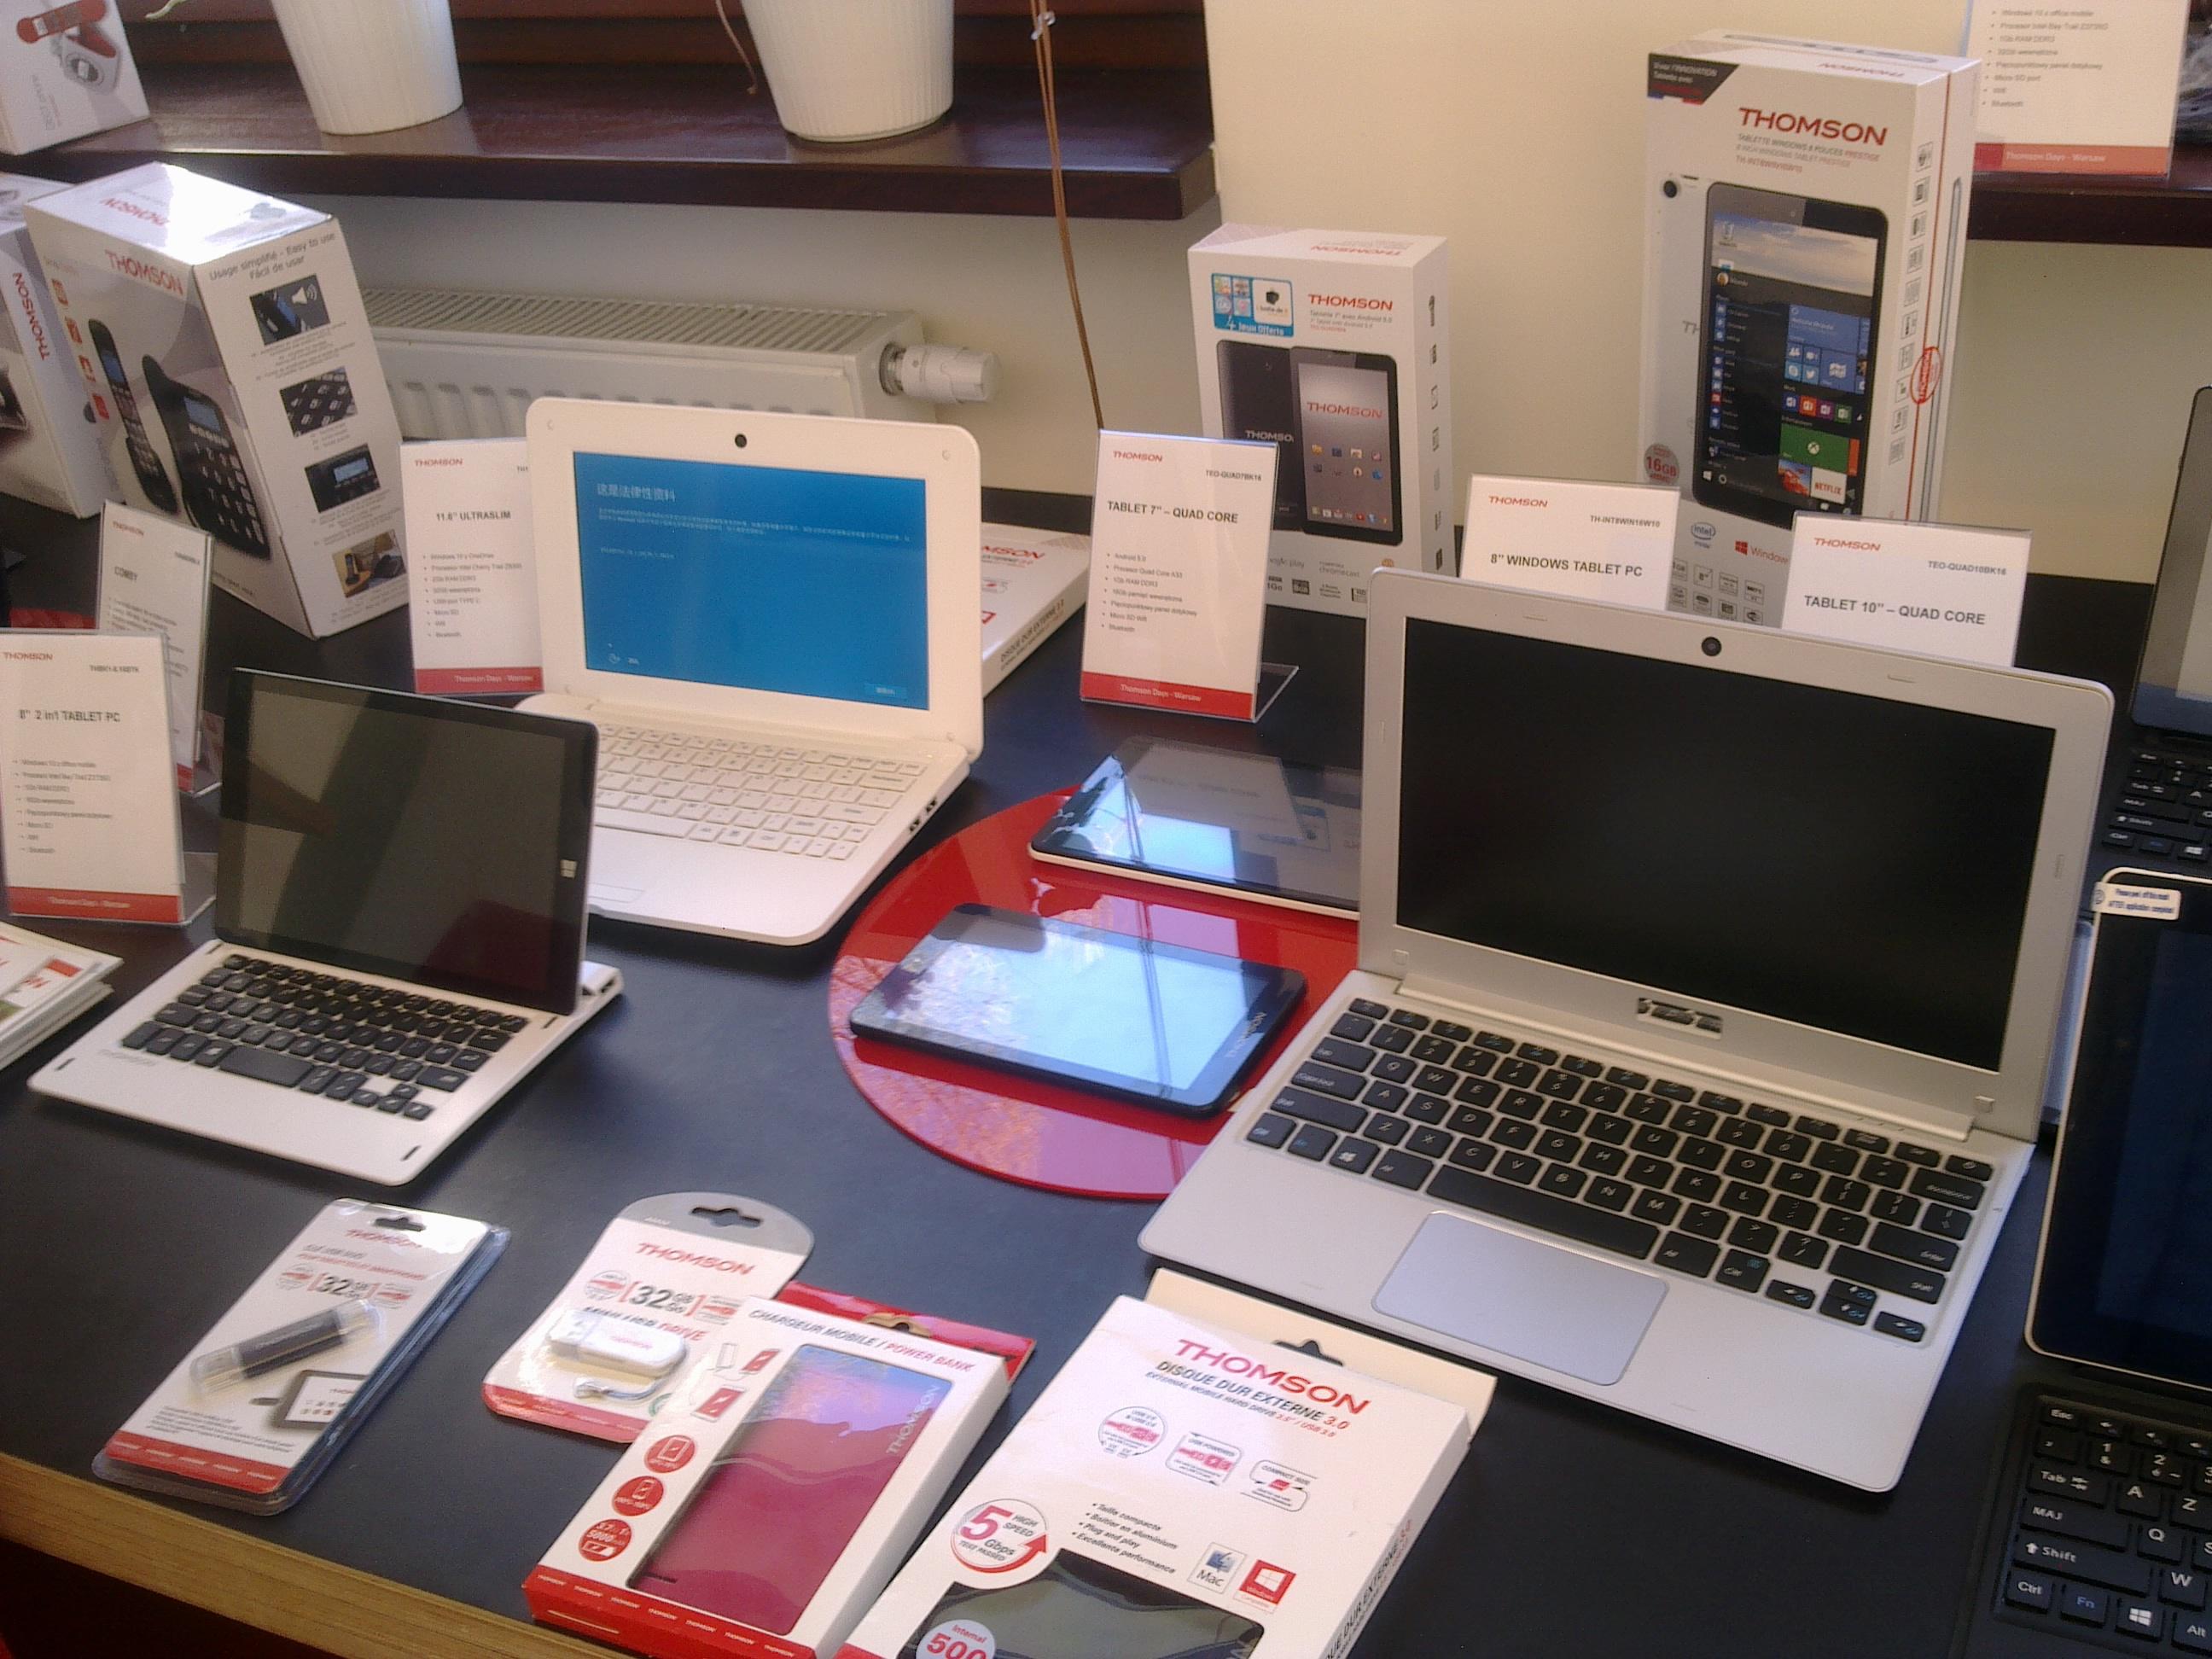 Thomson wchodzi na polski rynek laptopów i tabletów